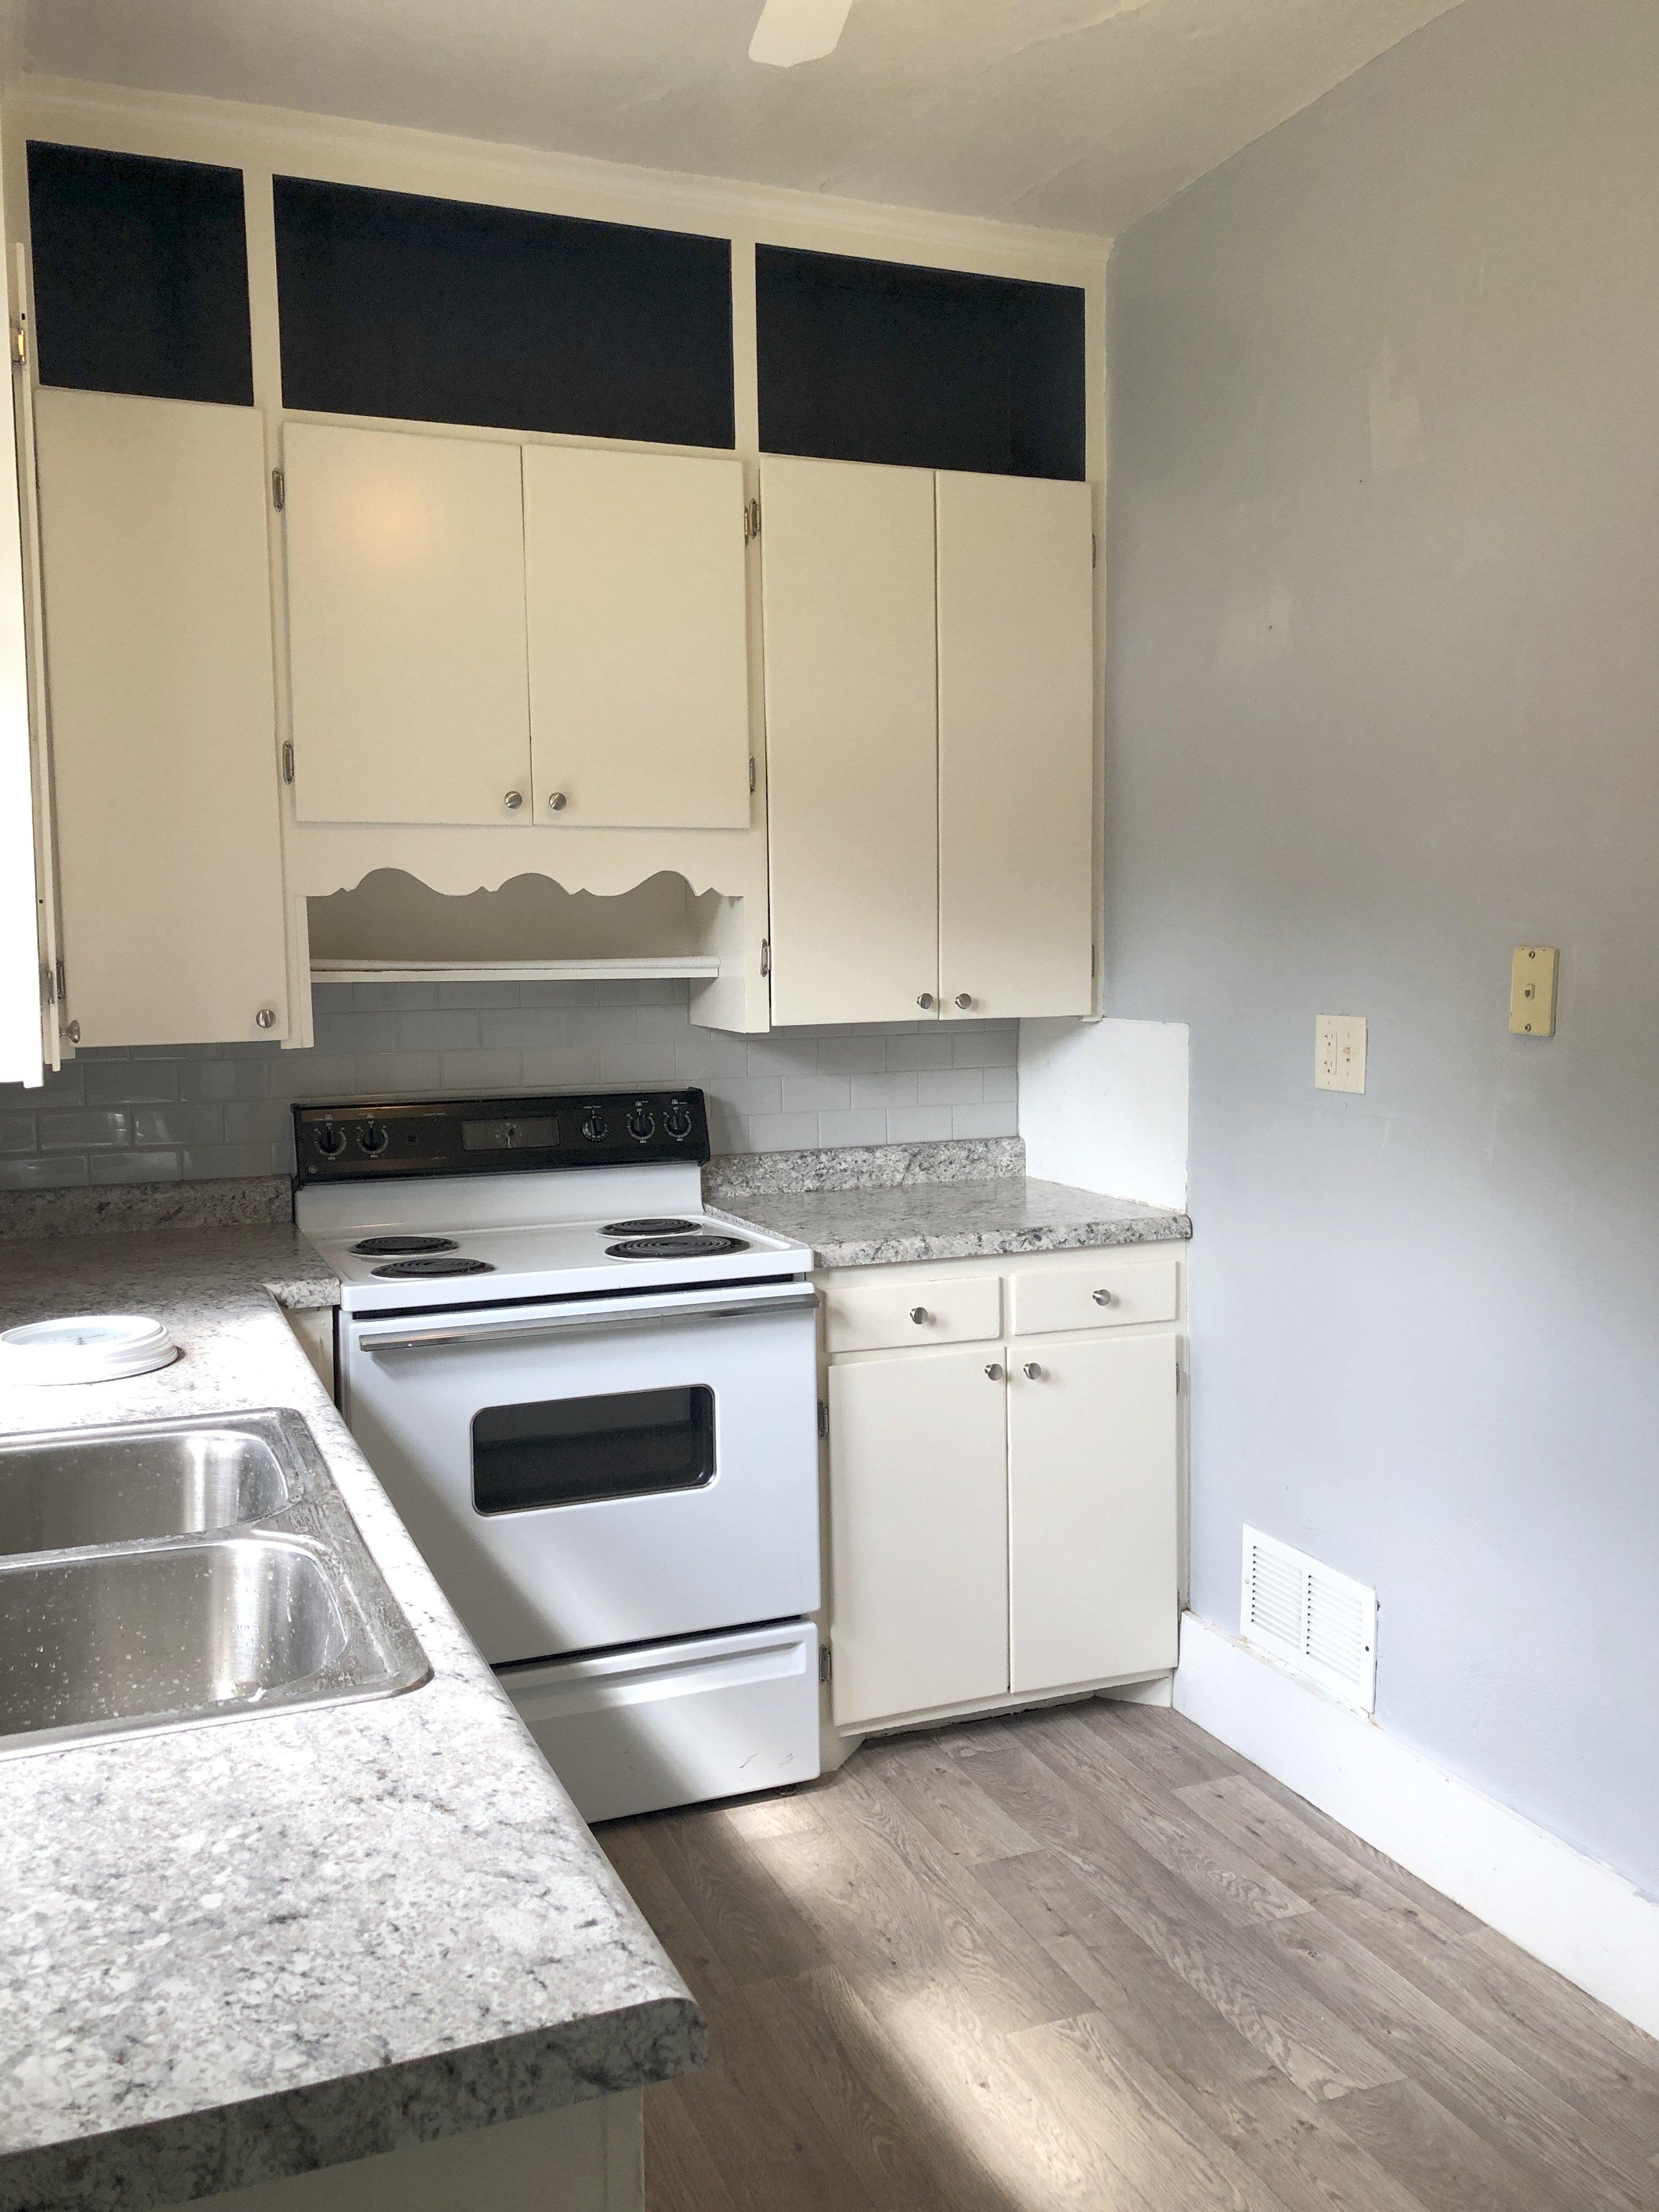 202 N Pine Kitchen2.JPG